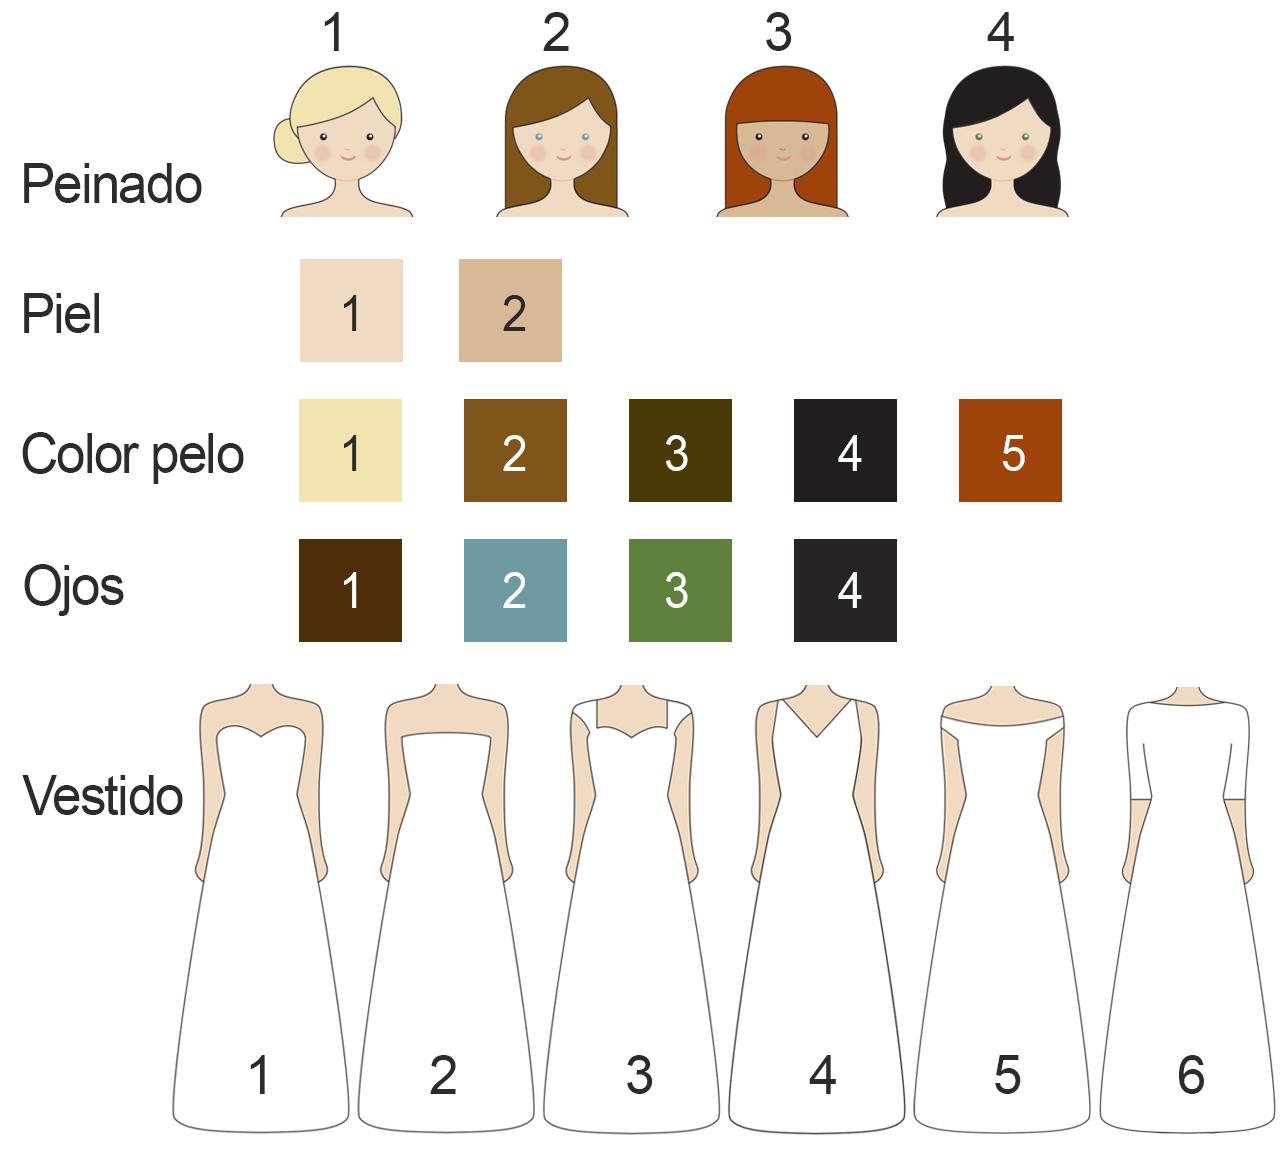 Imagen de producto: https://tienda.postreadiccion.com/img/articulos/secundarias3914_____1784_____Opciones_novia.jpg